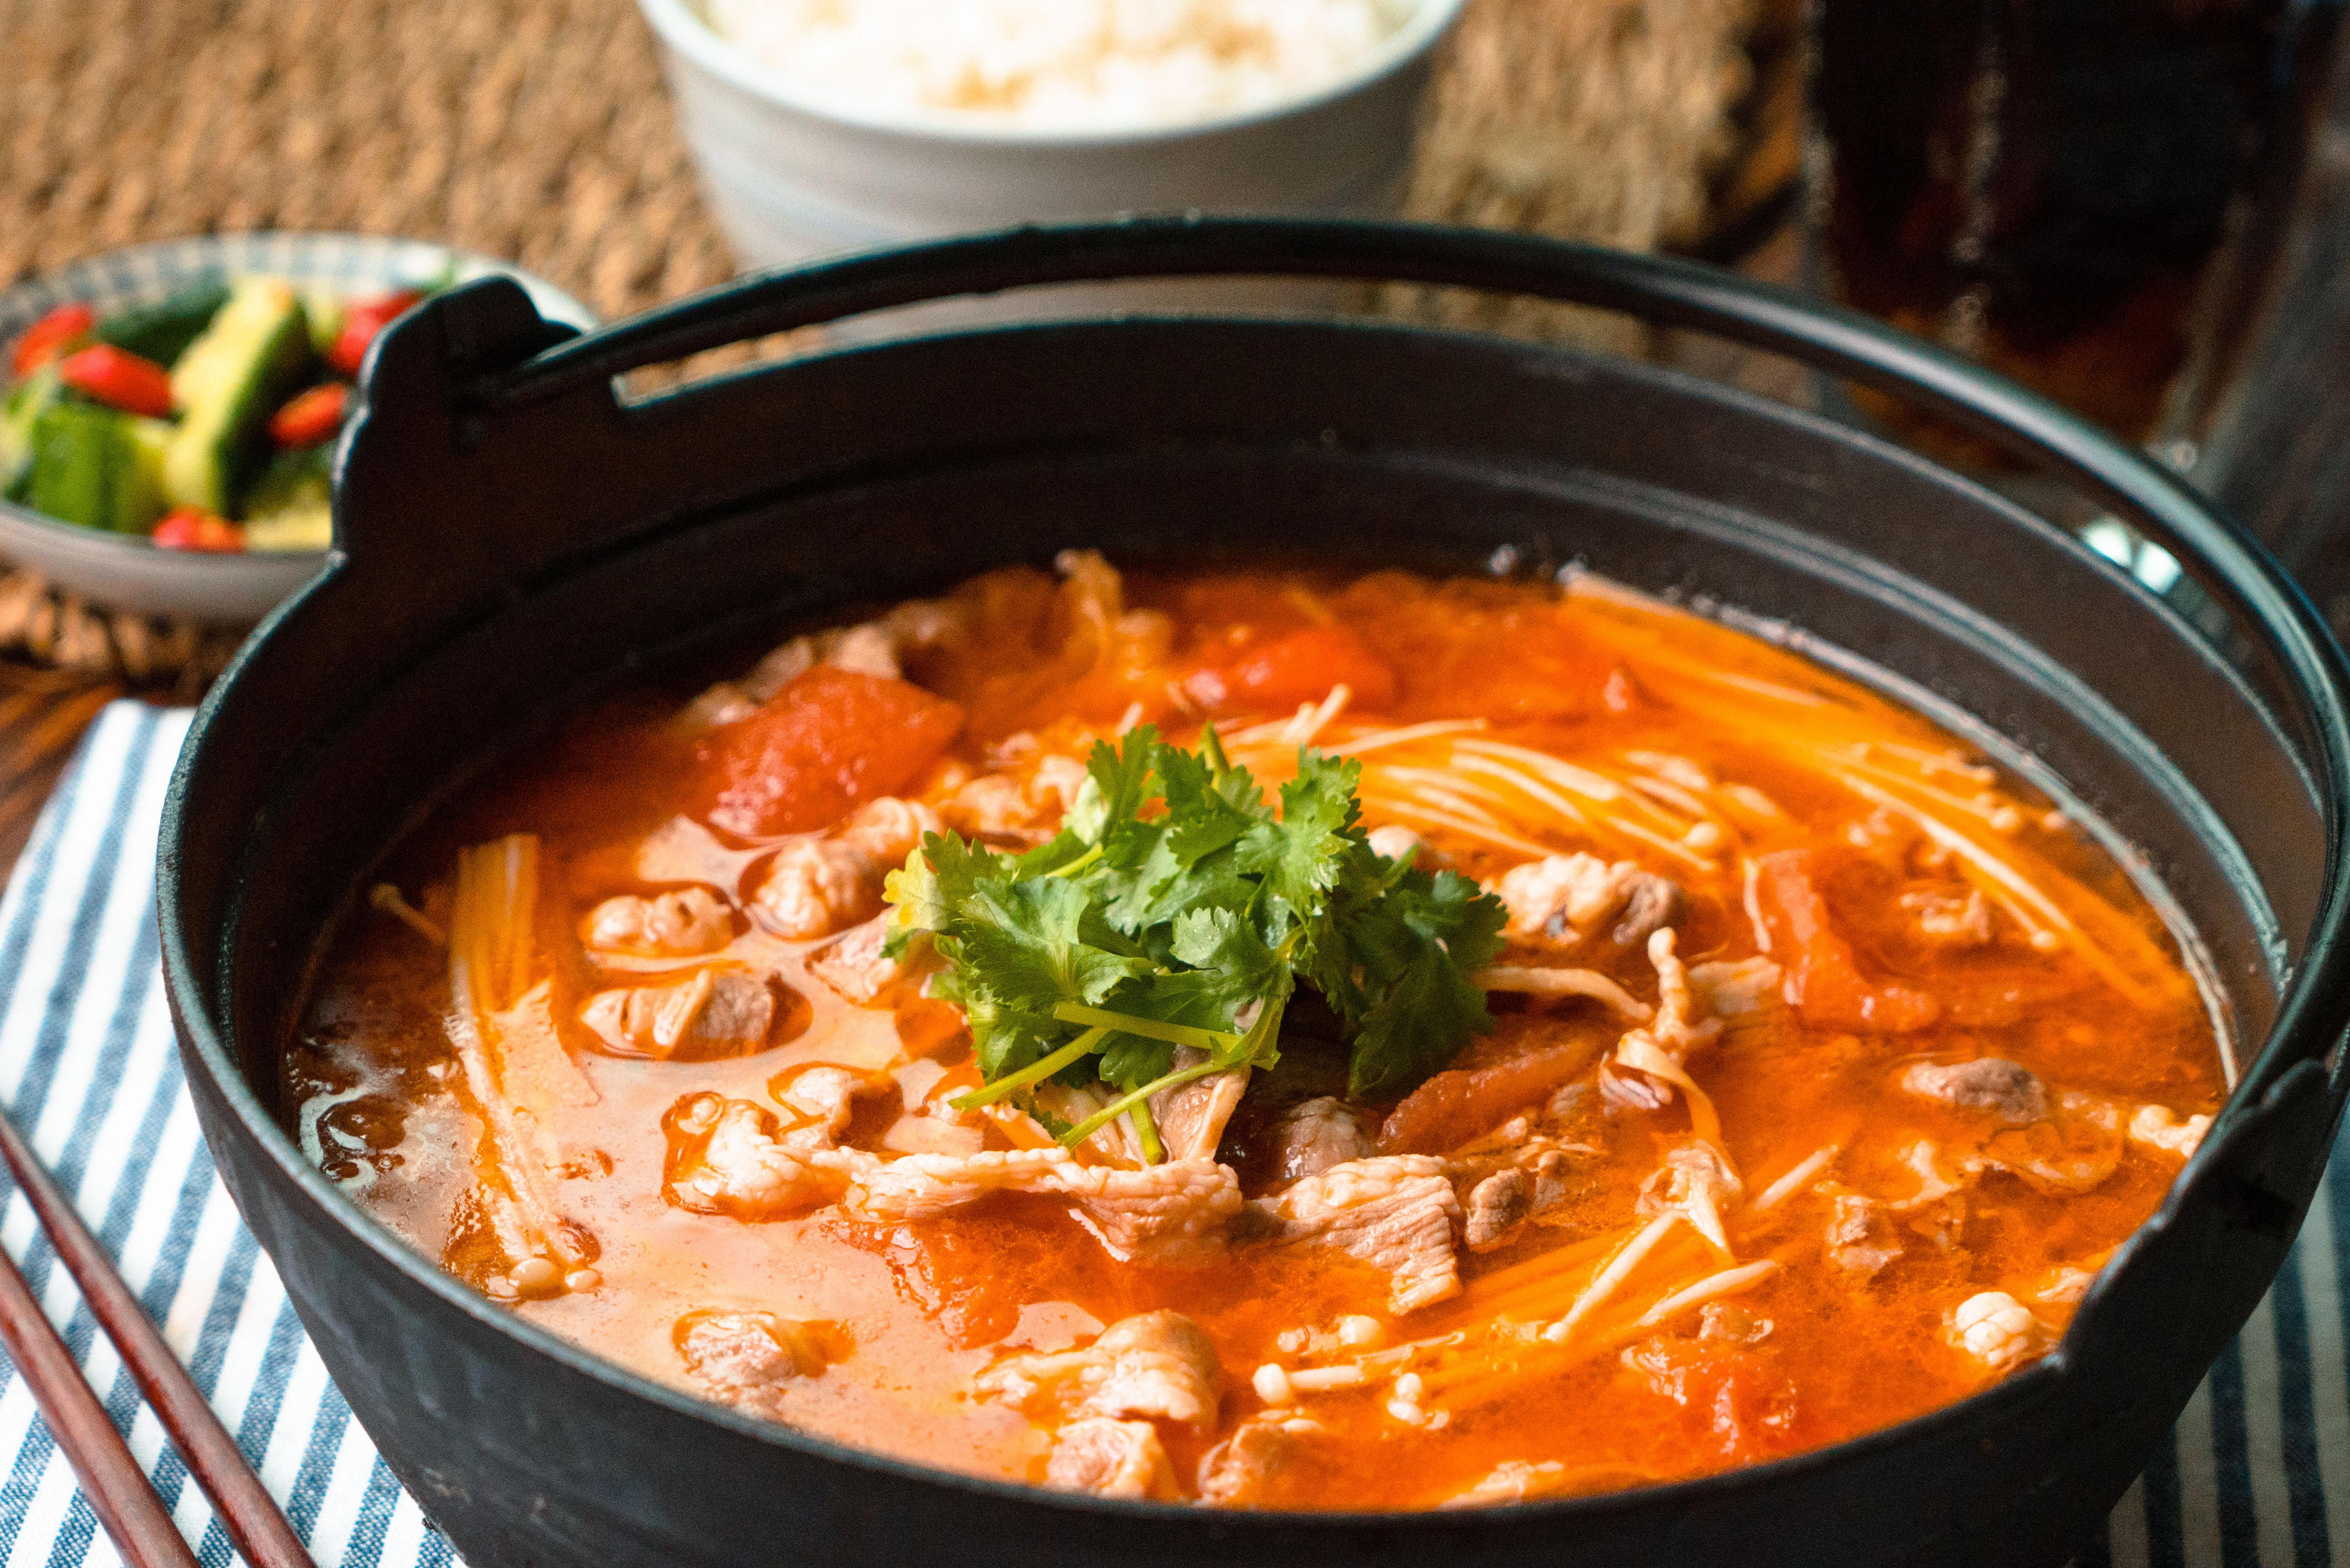 日食记|金针菇番茄菜谱锅的肥牛_做法_豆果美干豌豆怎么好煮不脱皮图片